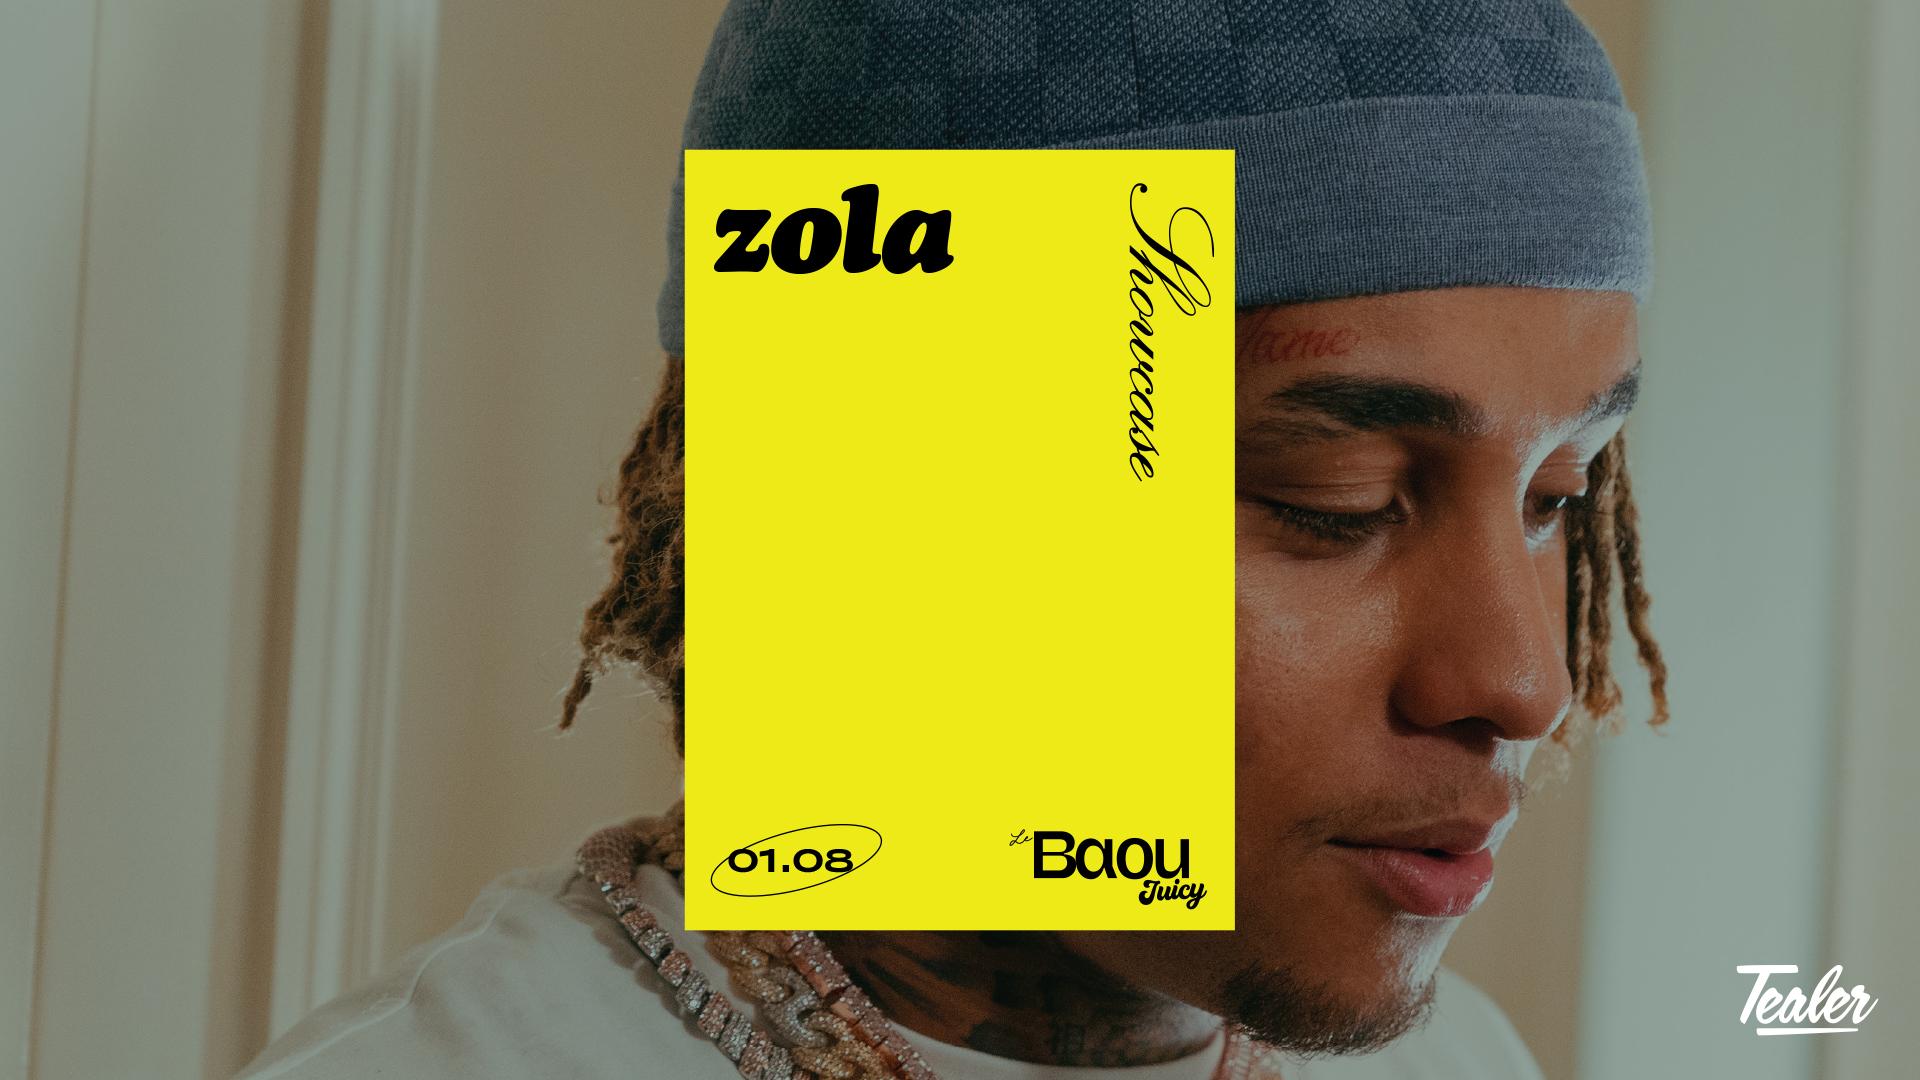 Baou: Juicy / Zola Showcase